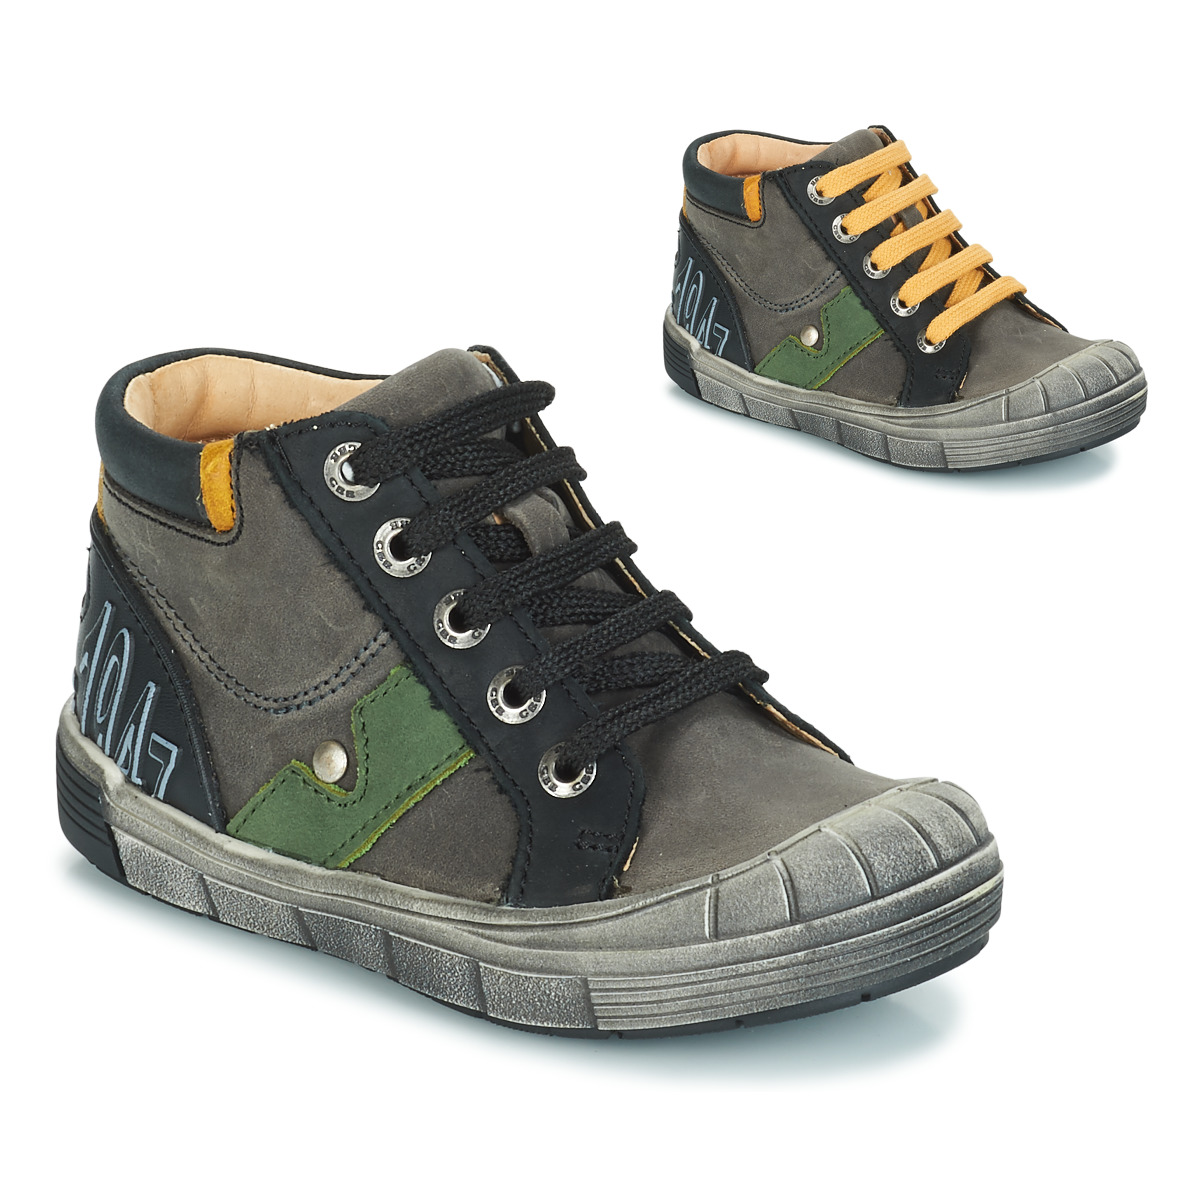 GBB REINOLD Nuv / Grau-schwarz / Dpf / 2831 - Kostenloser Versand bei Spartoode ! - Schuhe Klassische Stiefel  51,00 €